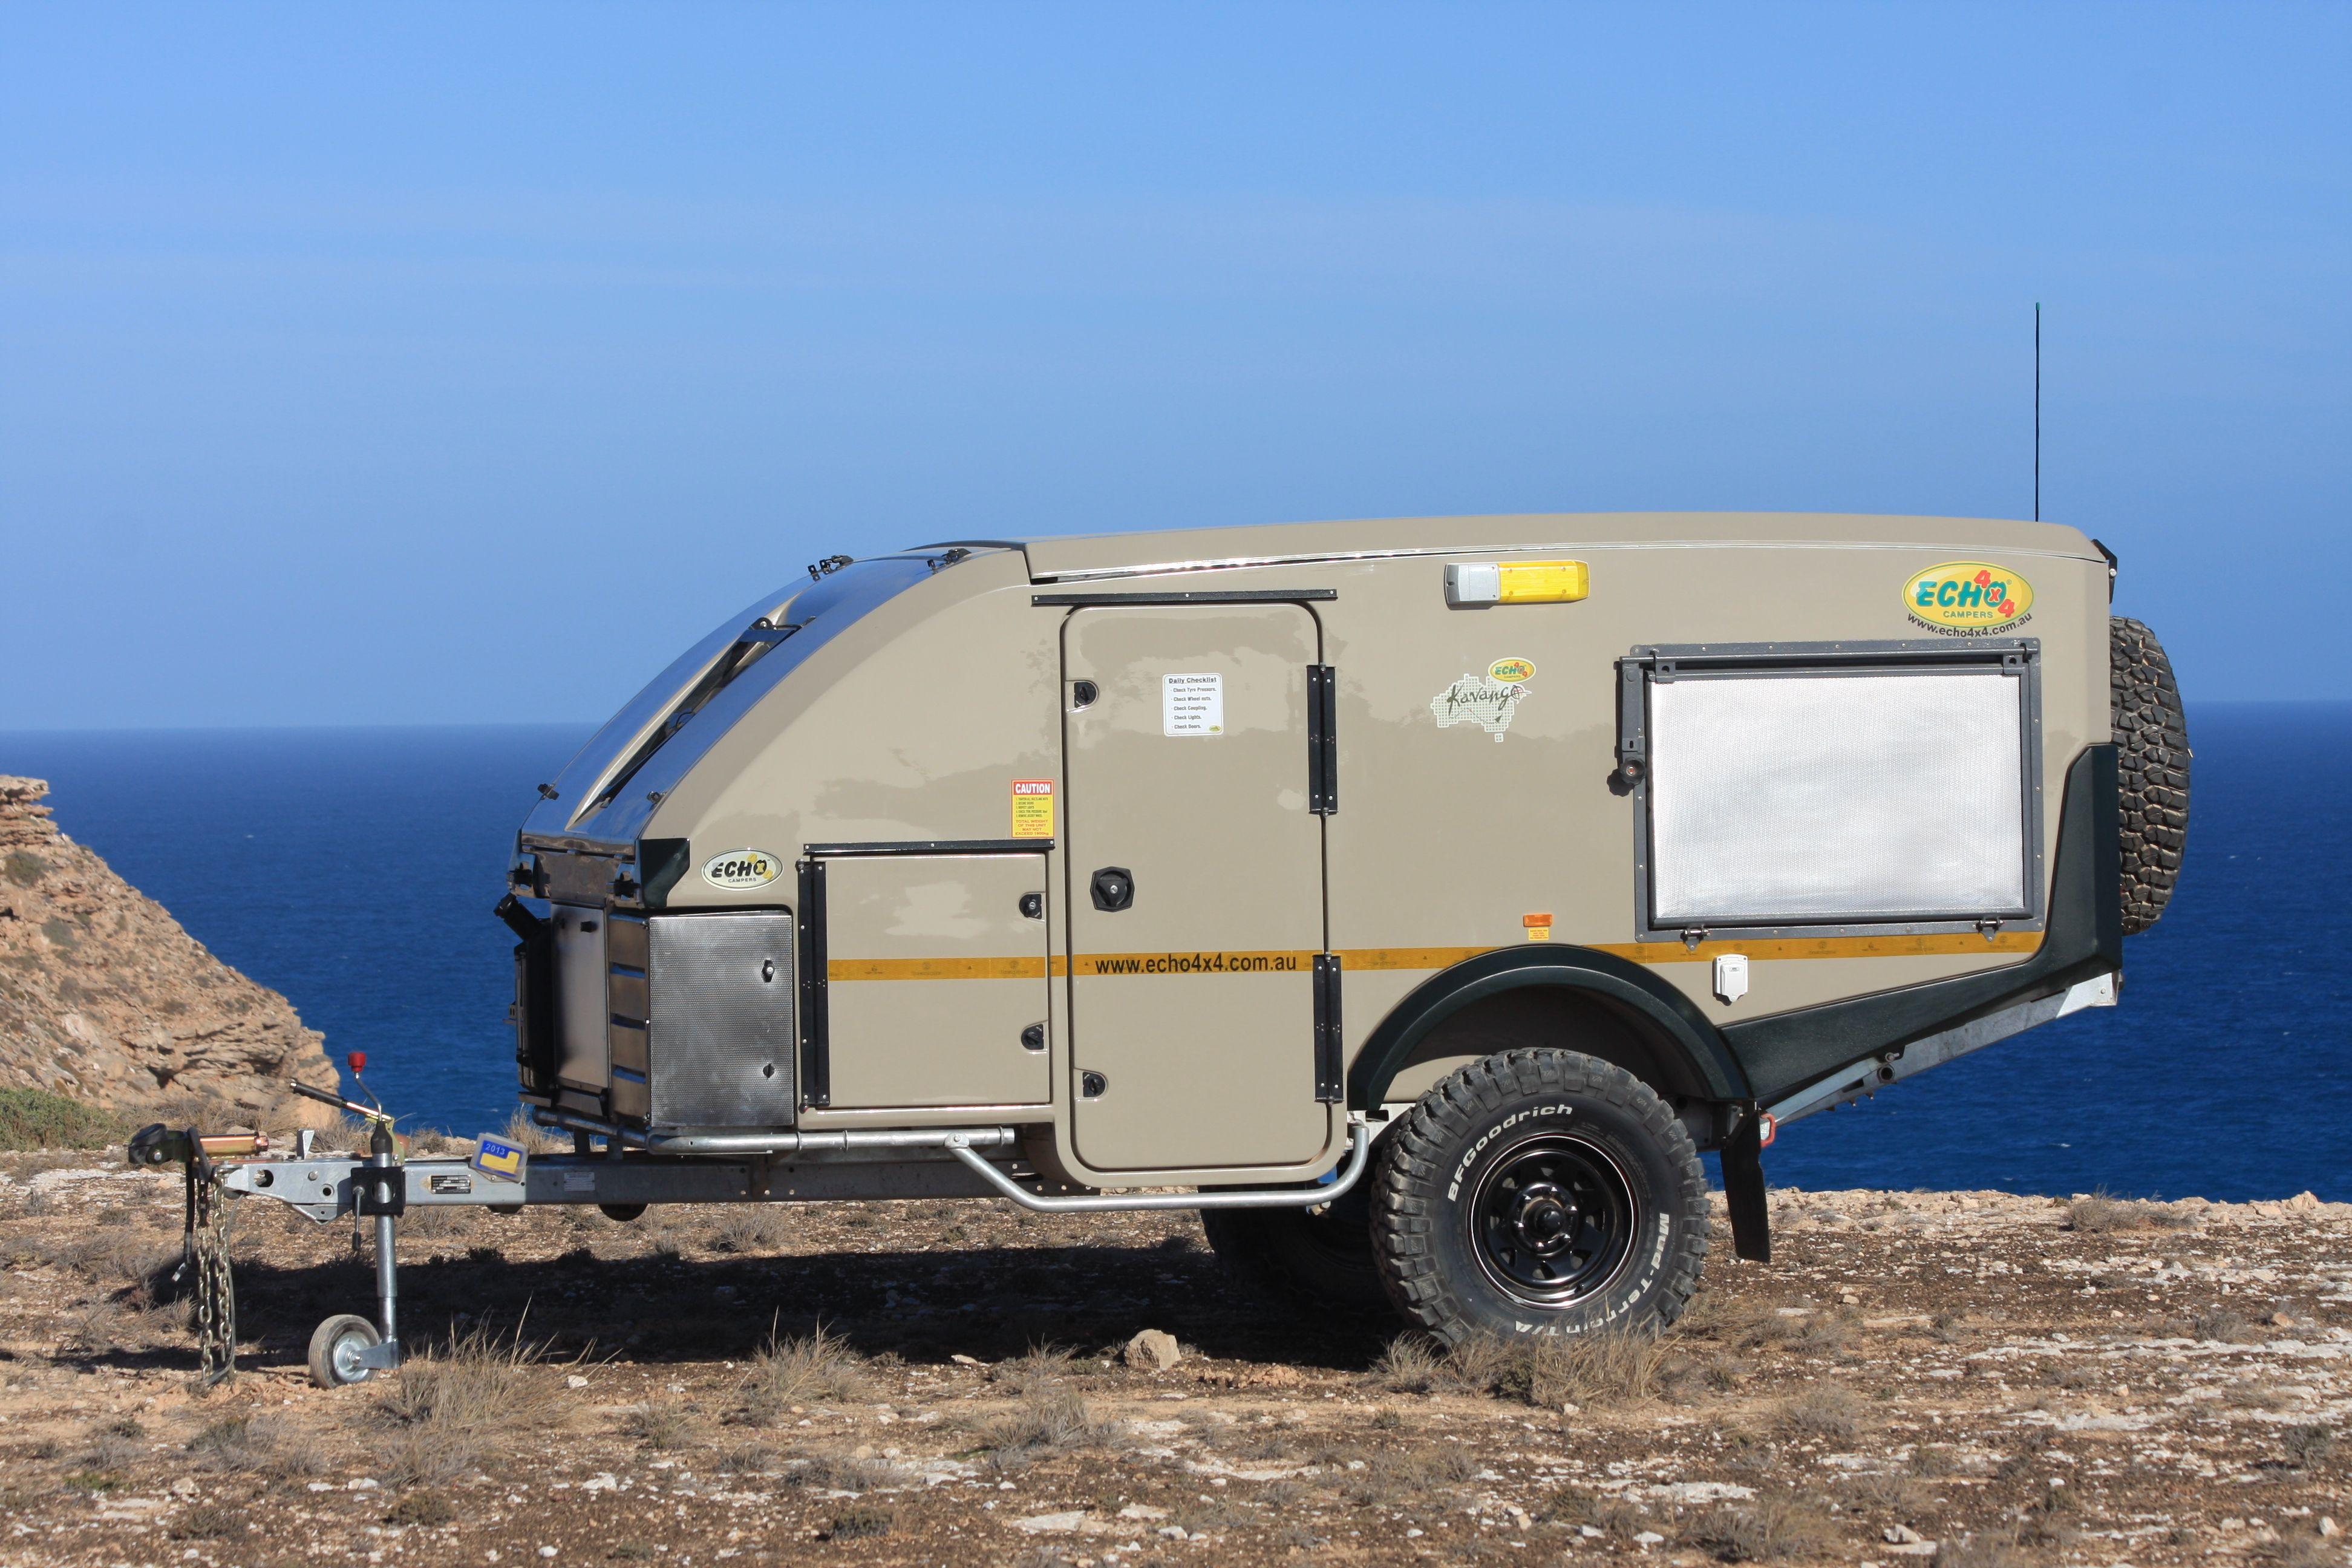 off road camper trailers for sale usa. Black Bedroom Furniture Sets. Home Design Ideas